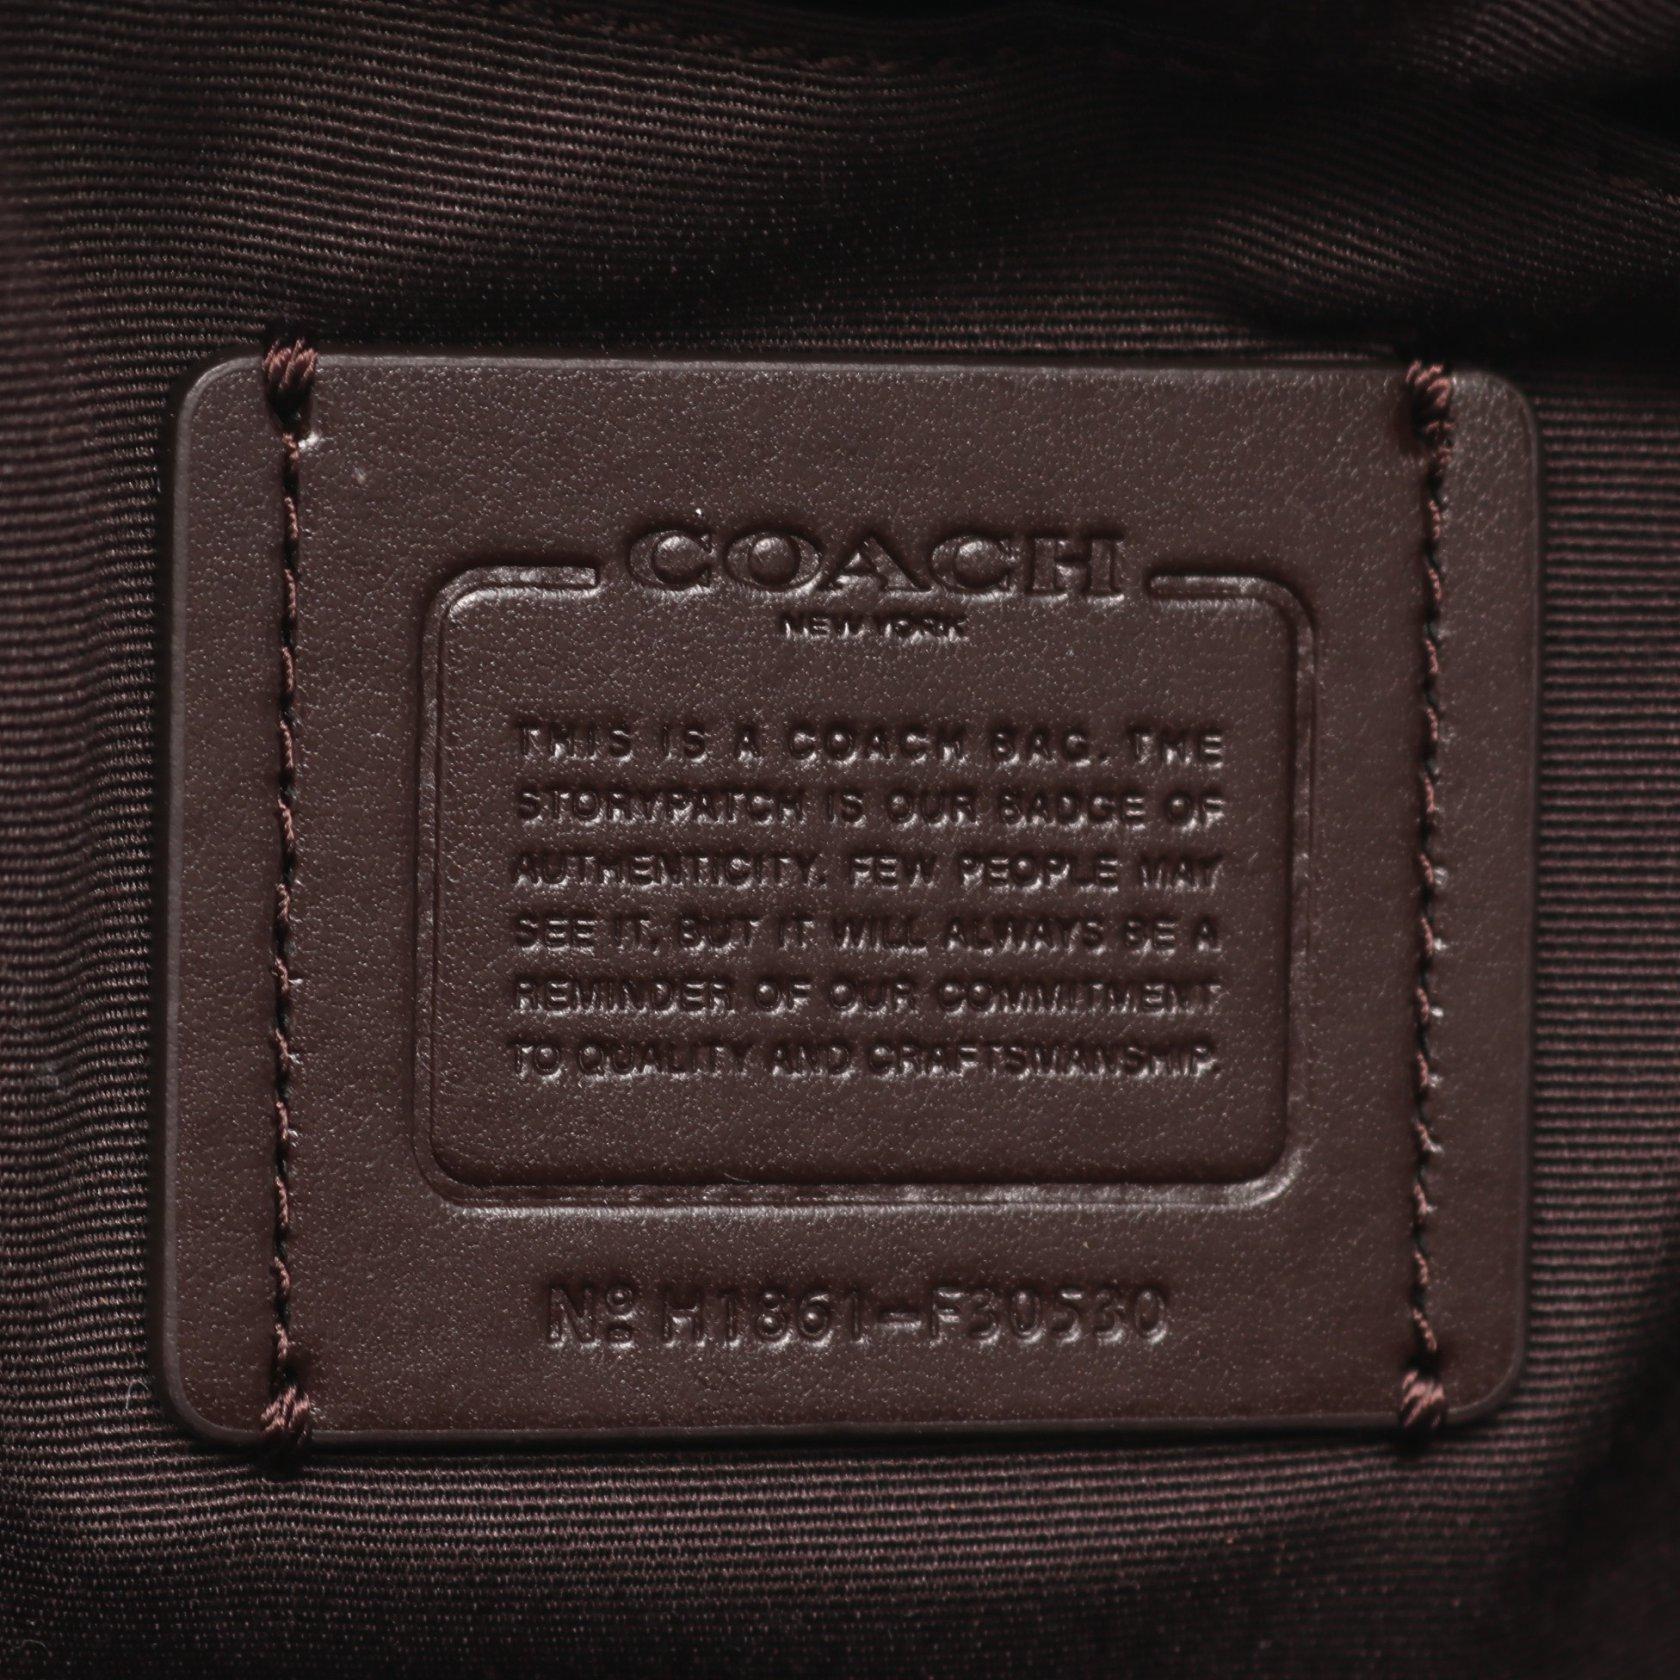 COACH・バッグ・アンディ バックパック ミニリュック レザー オフホワイト